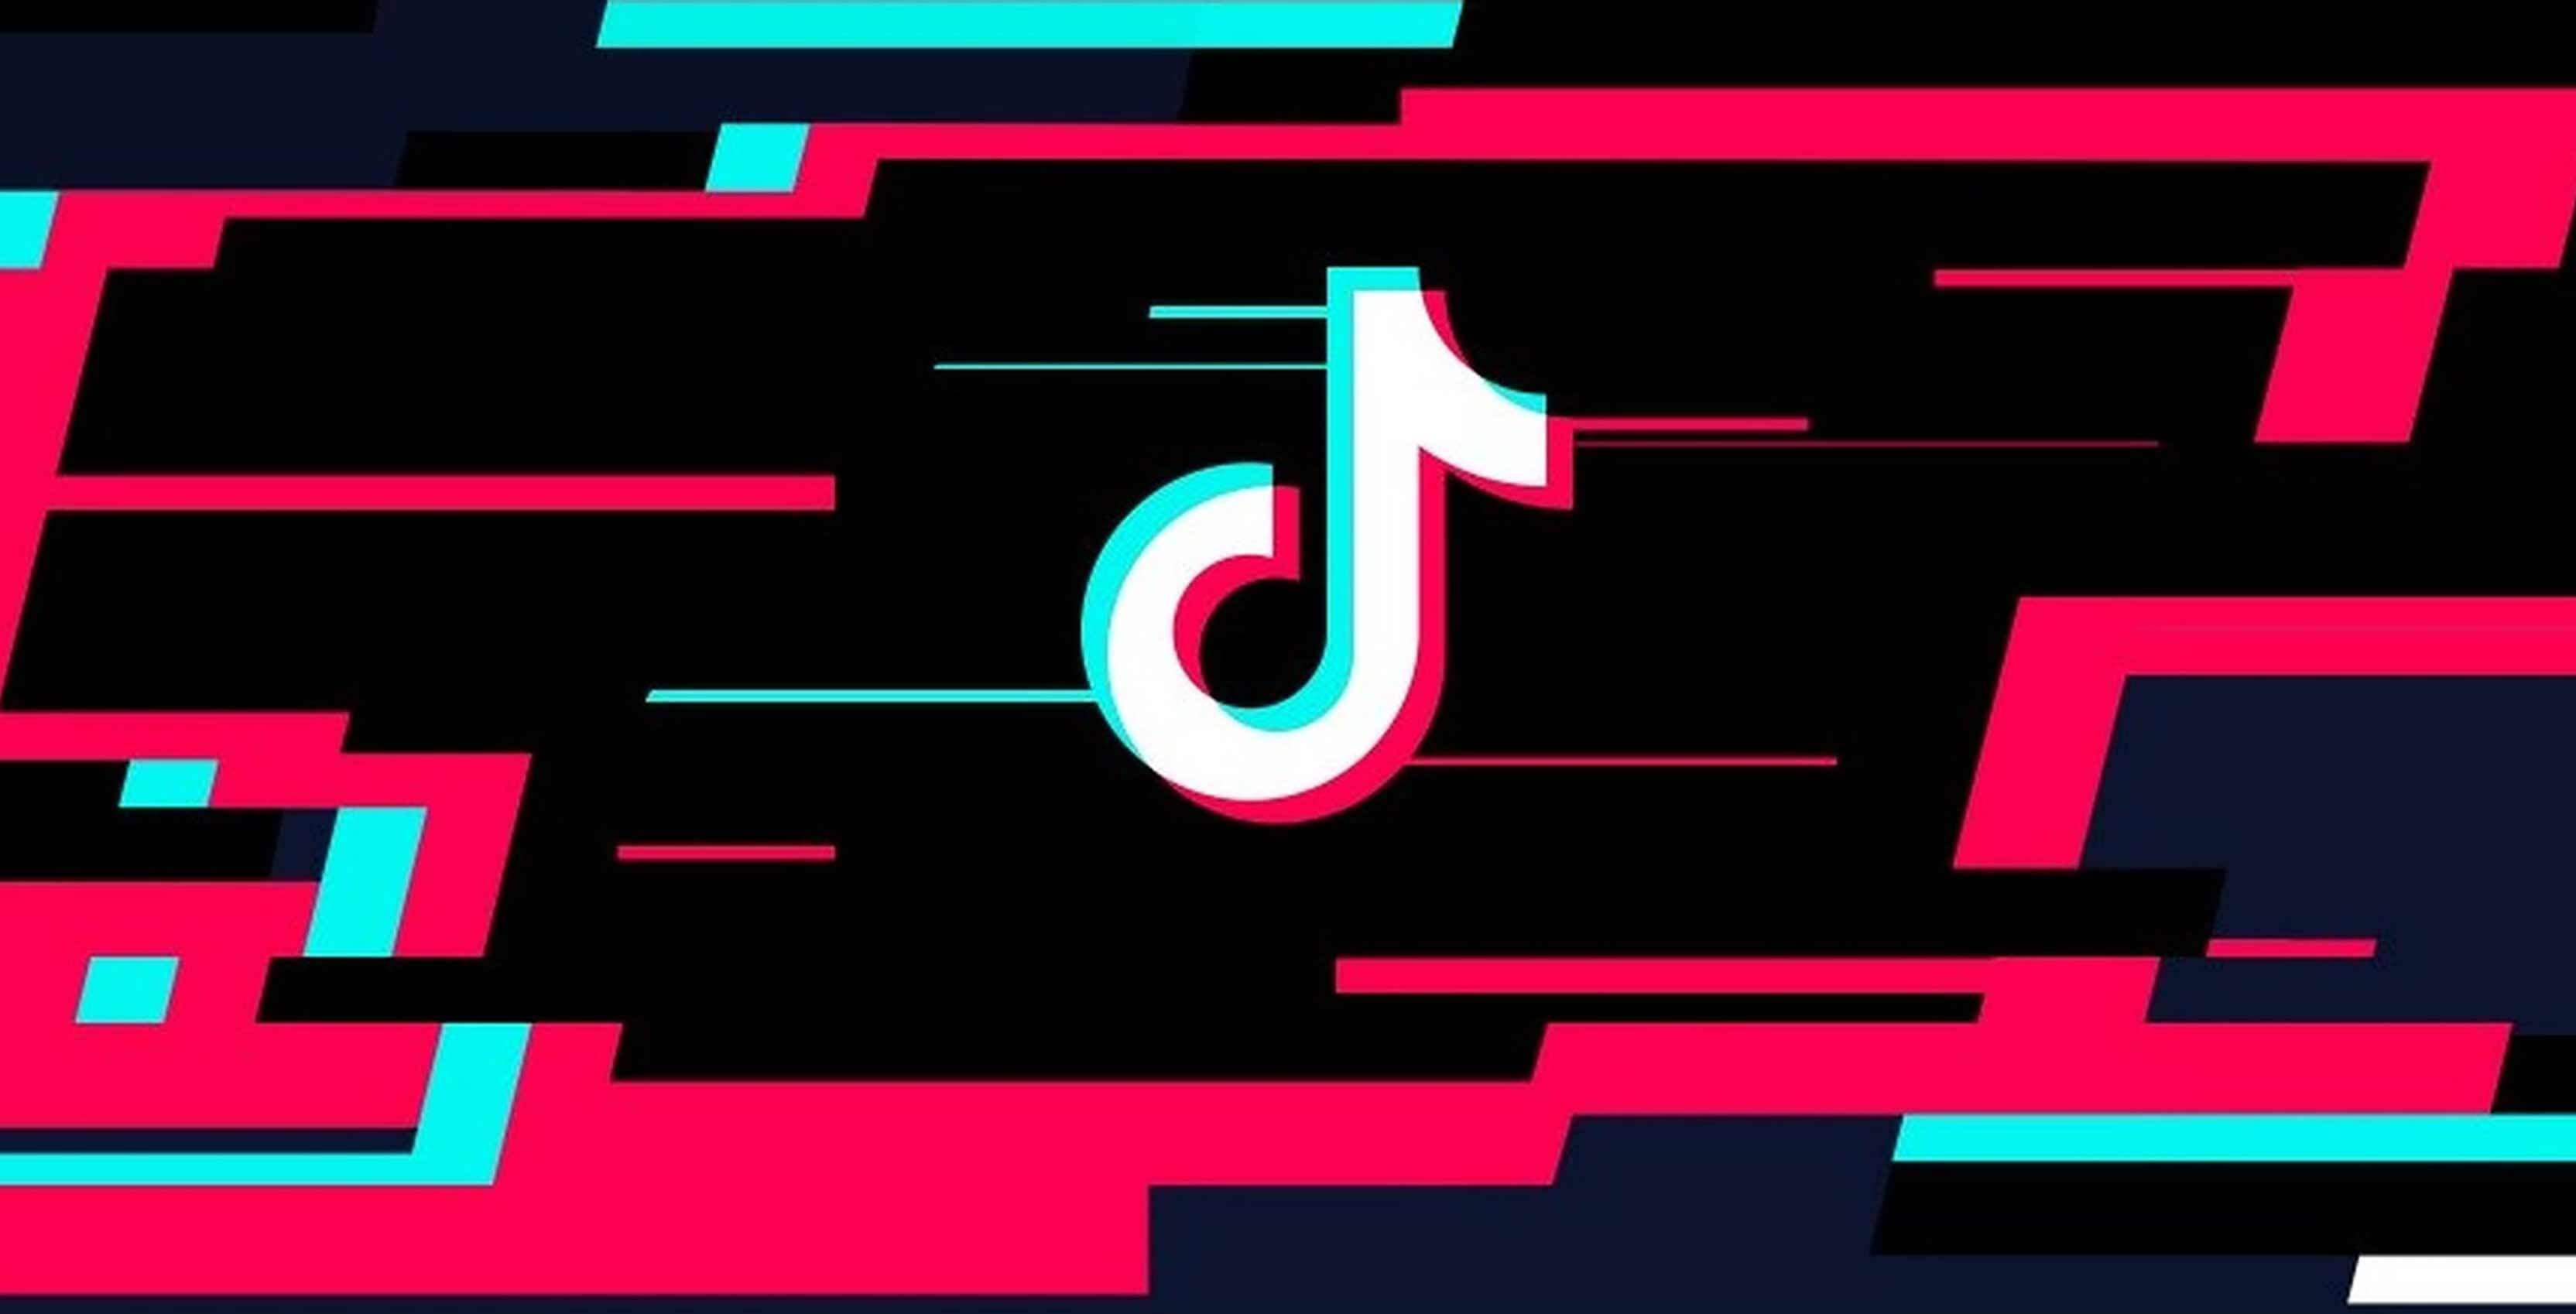 برنامج تيك توك للايفون 2019 Tik Tok مجانا